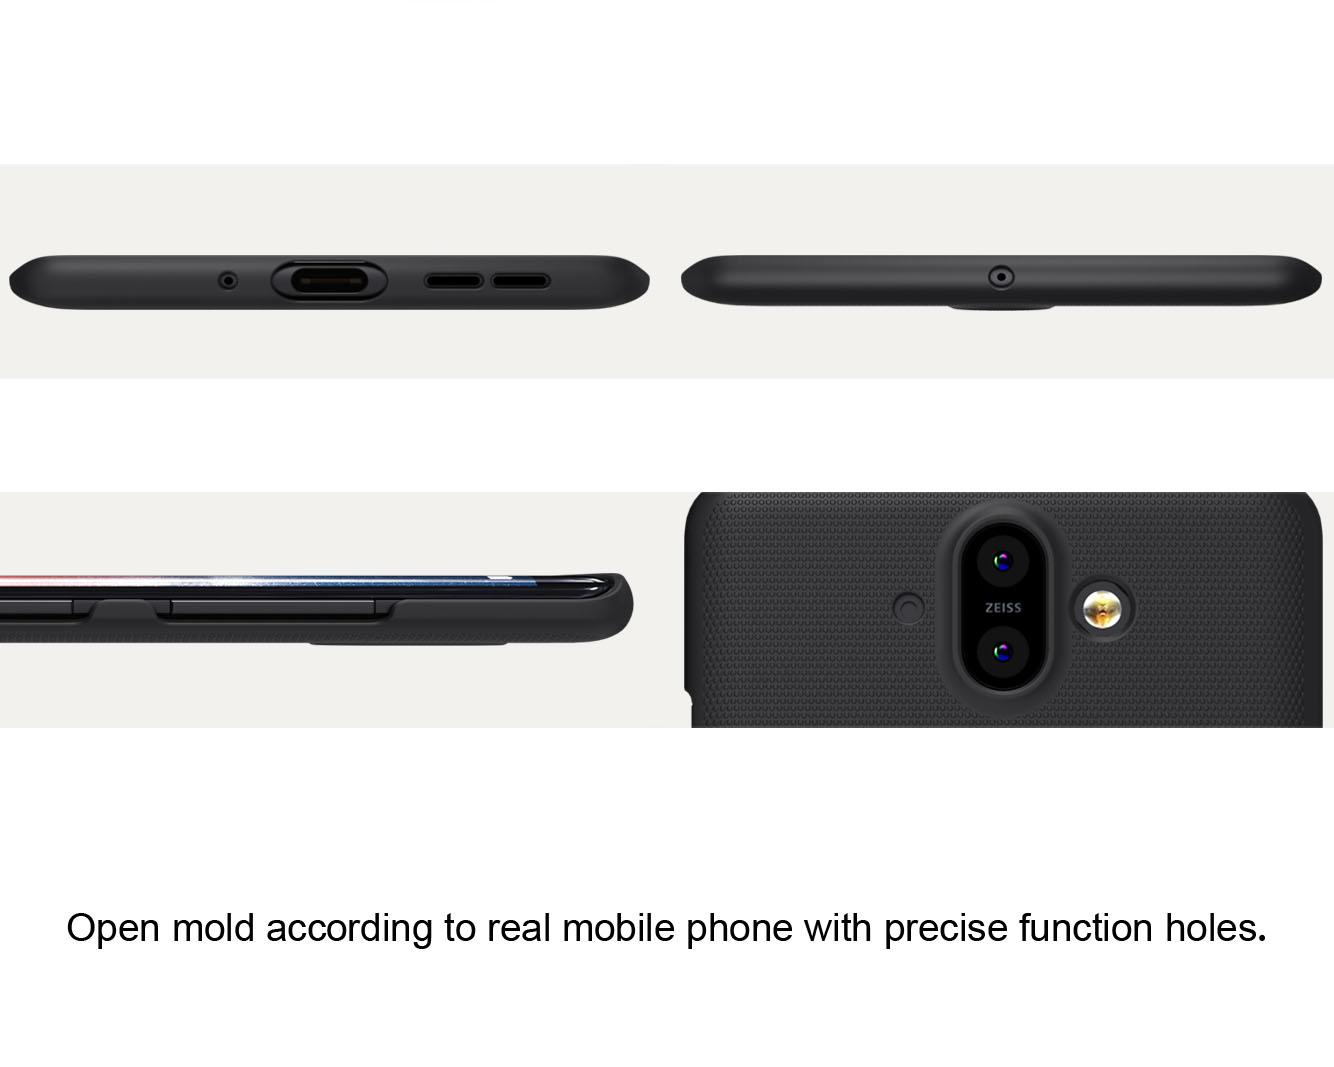 Nokia 8 Sirocco case